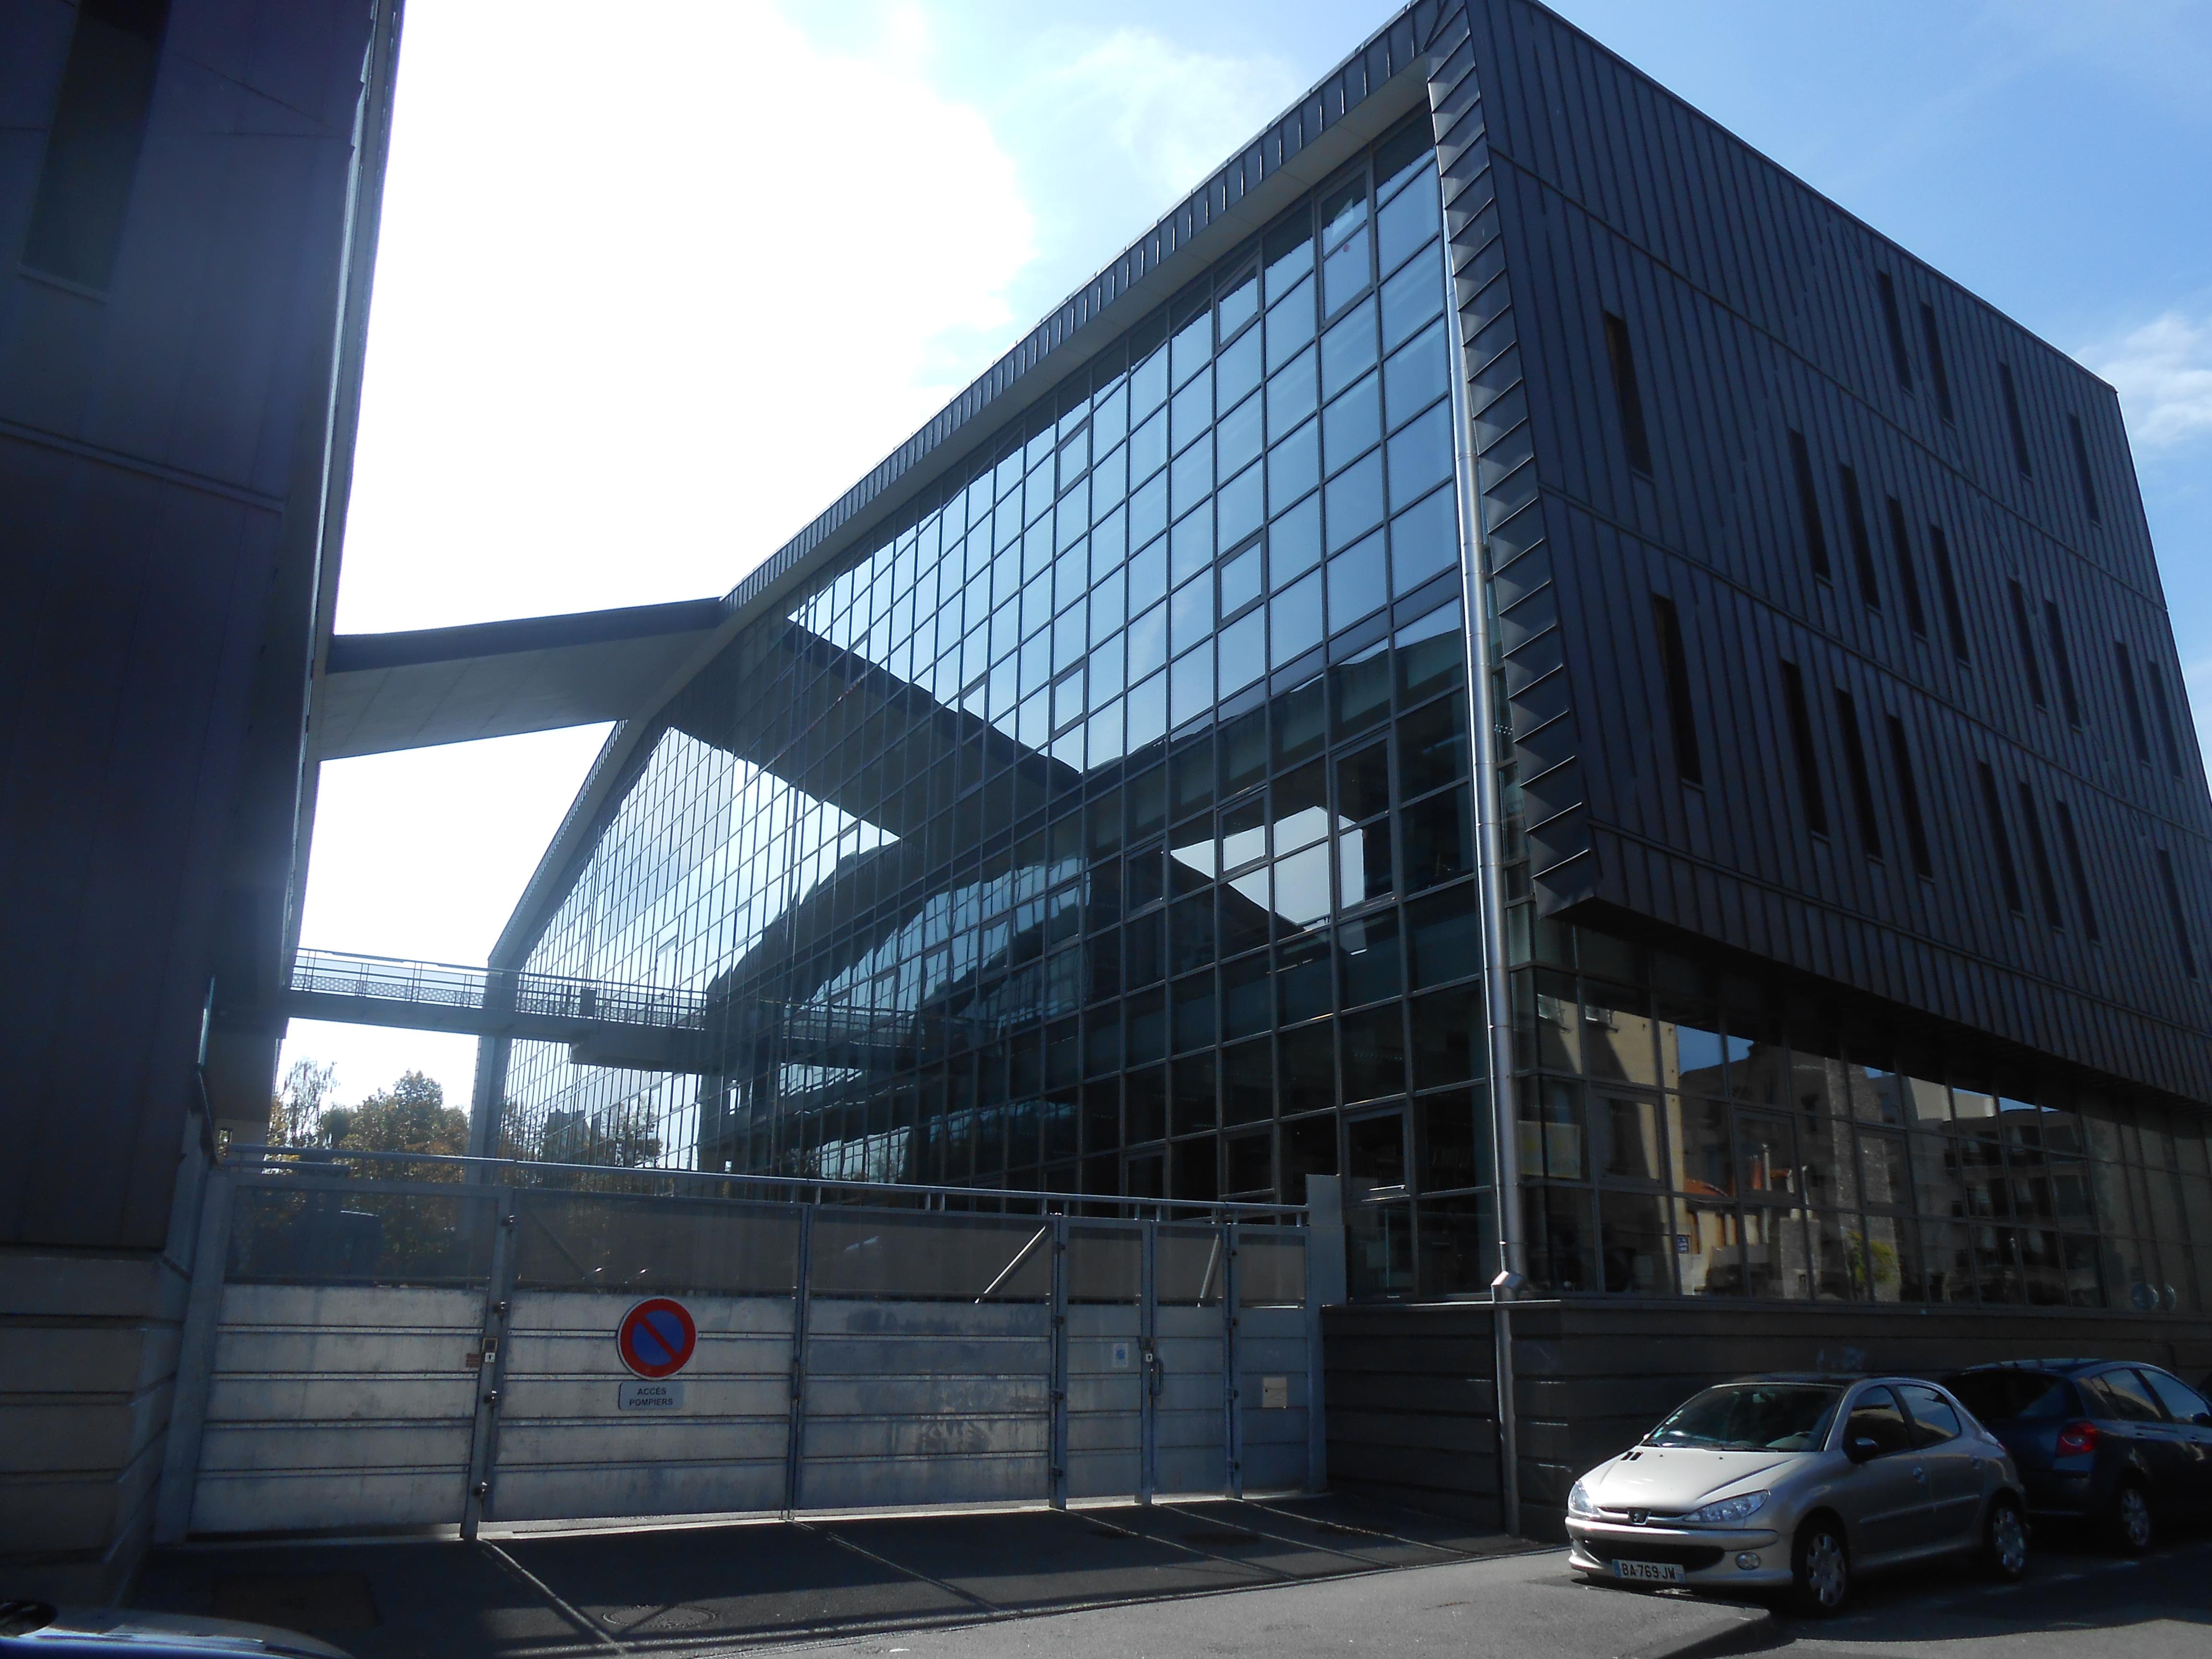 École D Architecture Clermont file:ecole des beaux-arts de clermont-ferrand - 2